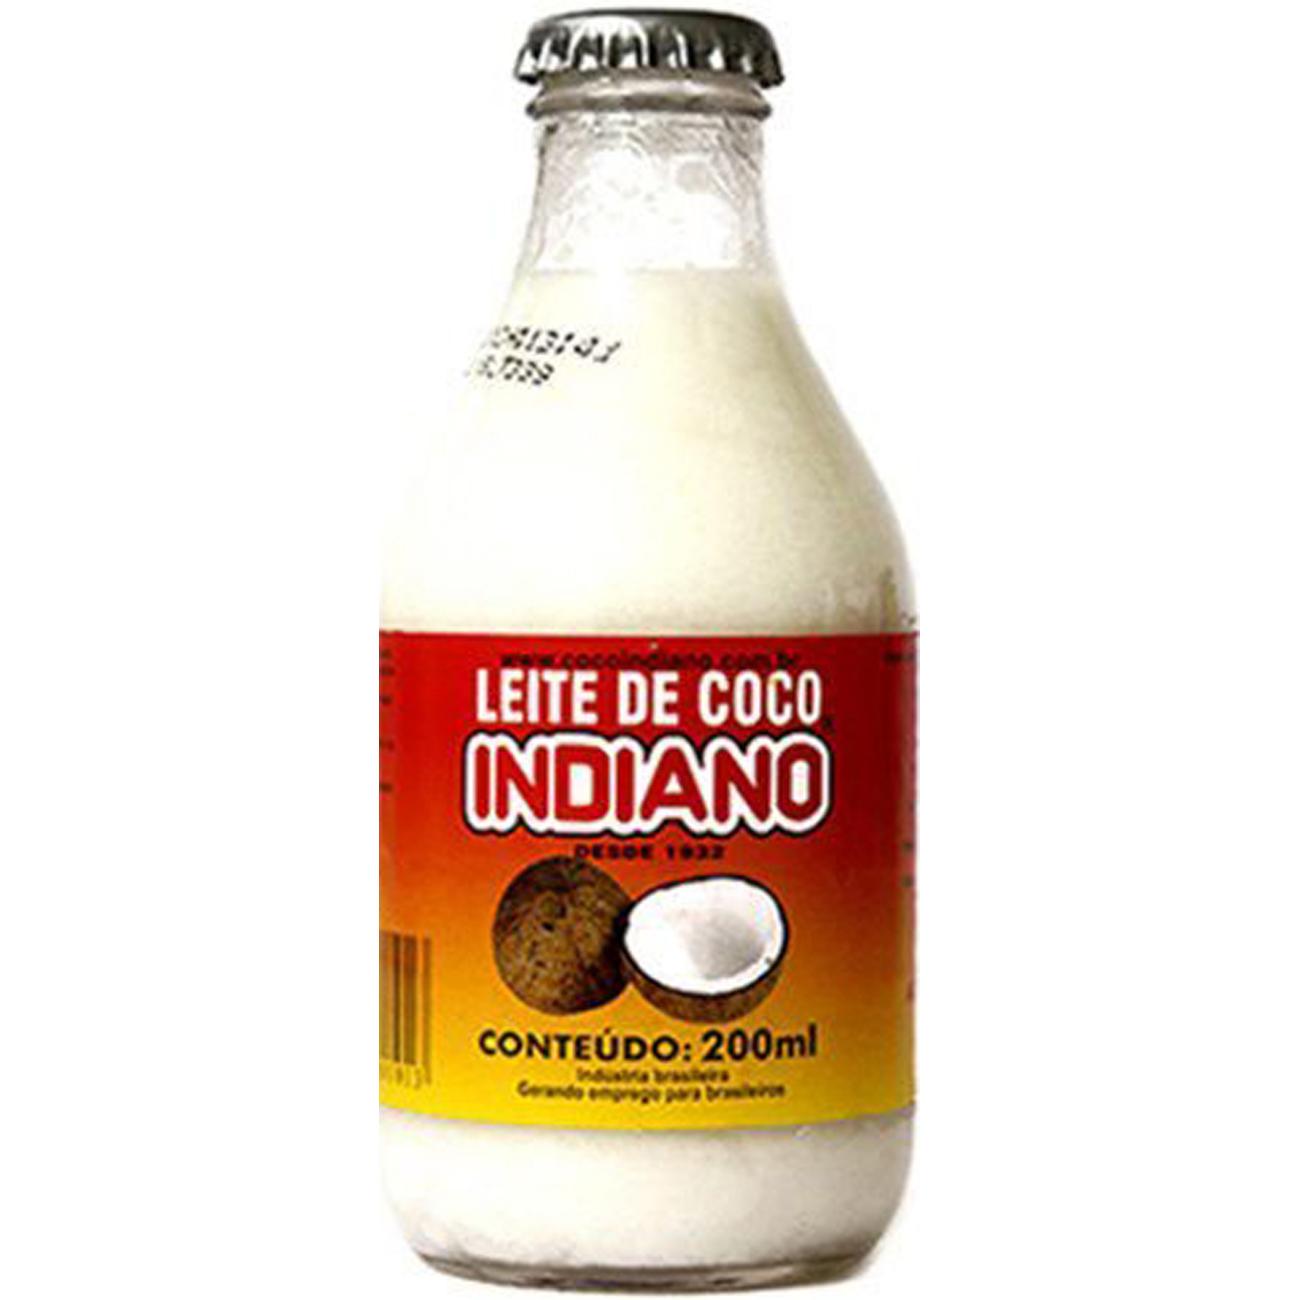 Leite de Coco Indiano 200Ml